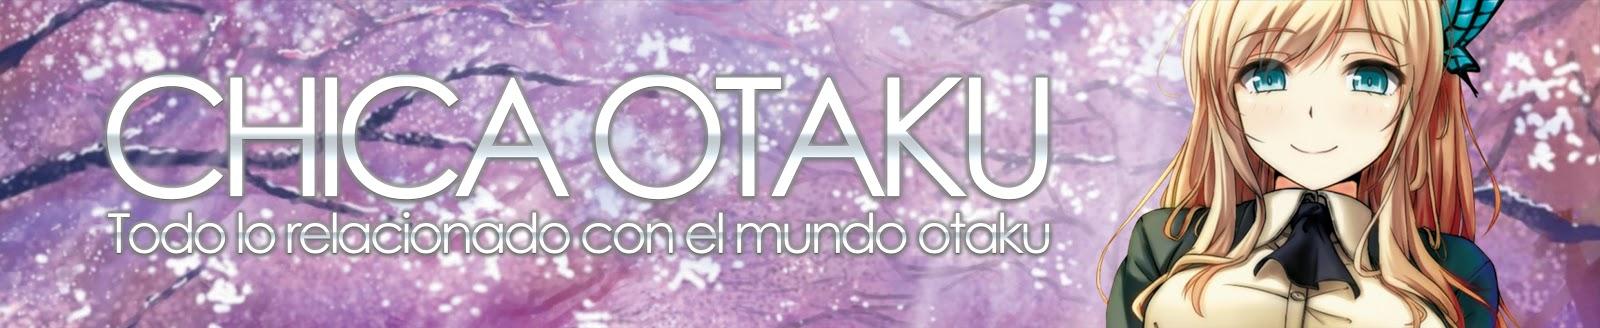 Versión 02 de Chica Otaku ツ